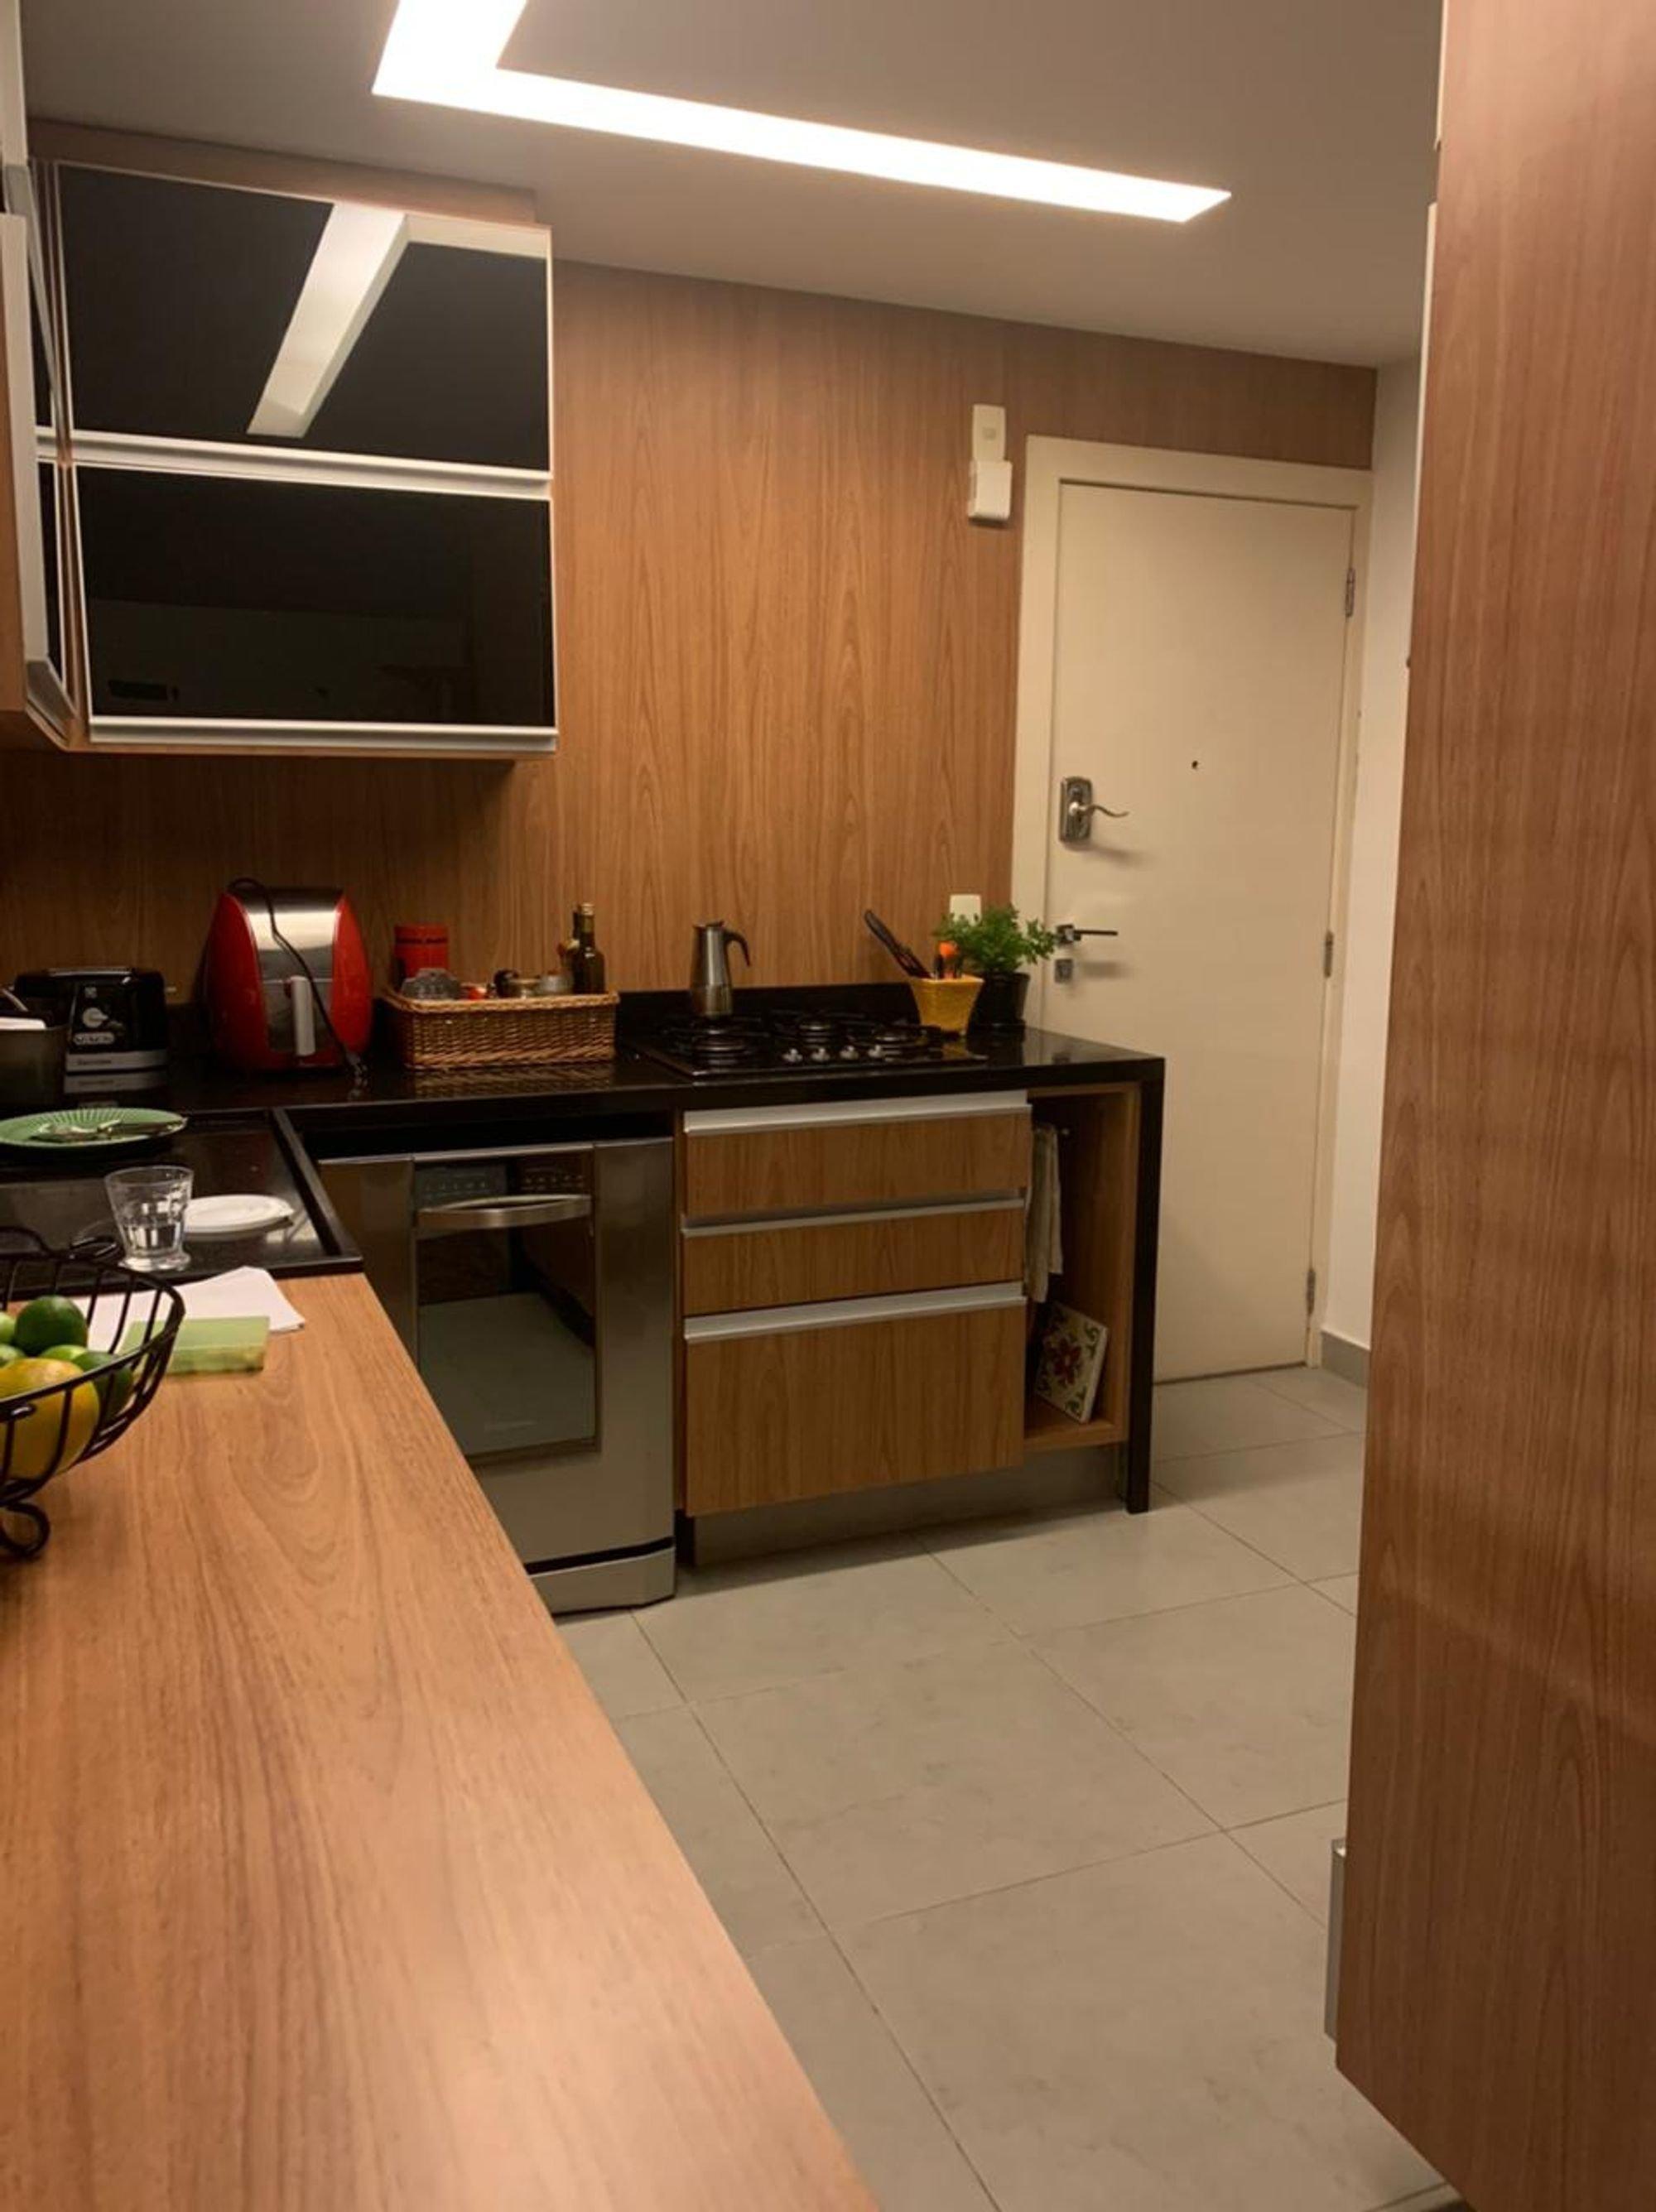 Foto de Cozinha com vaso de planta, forno, xícara